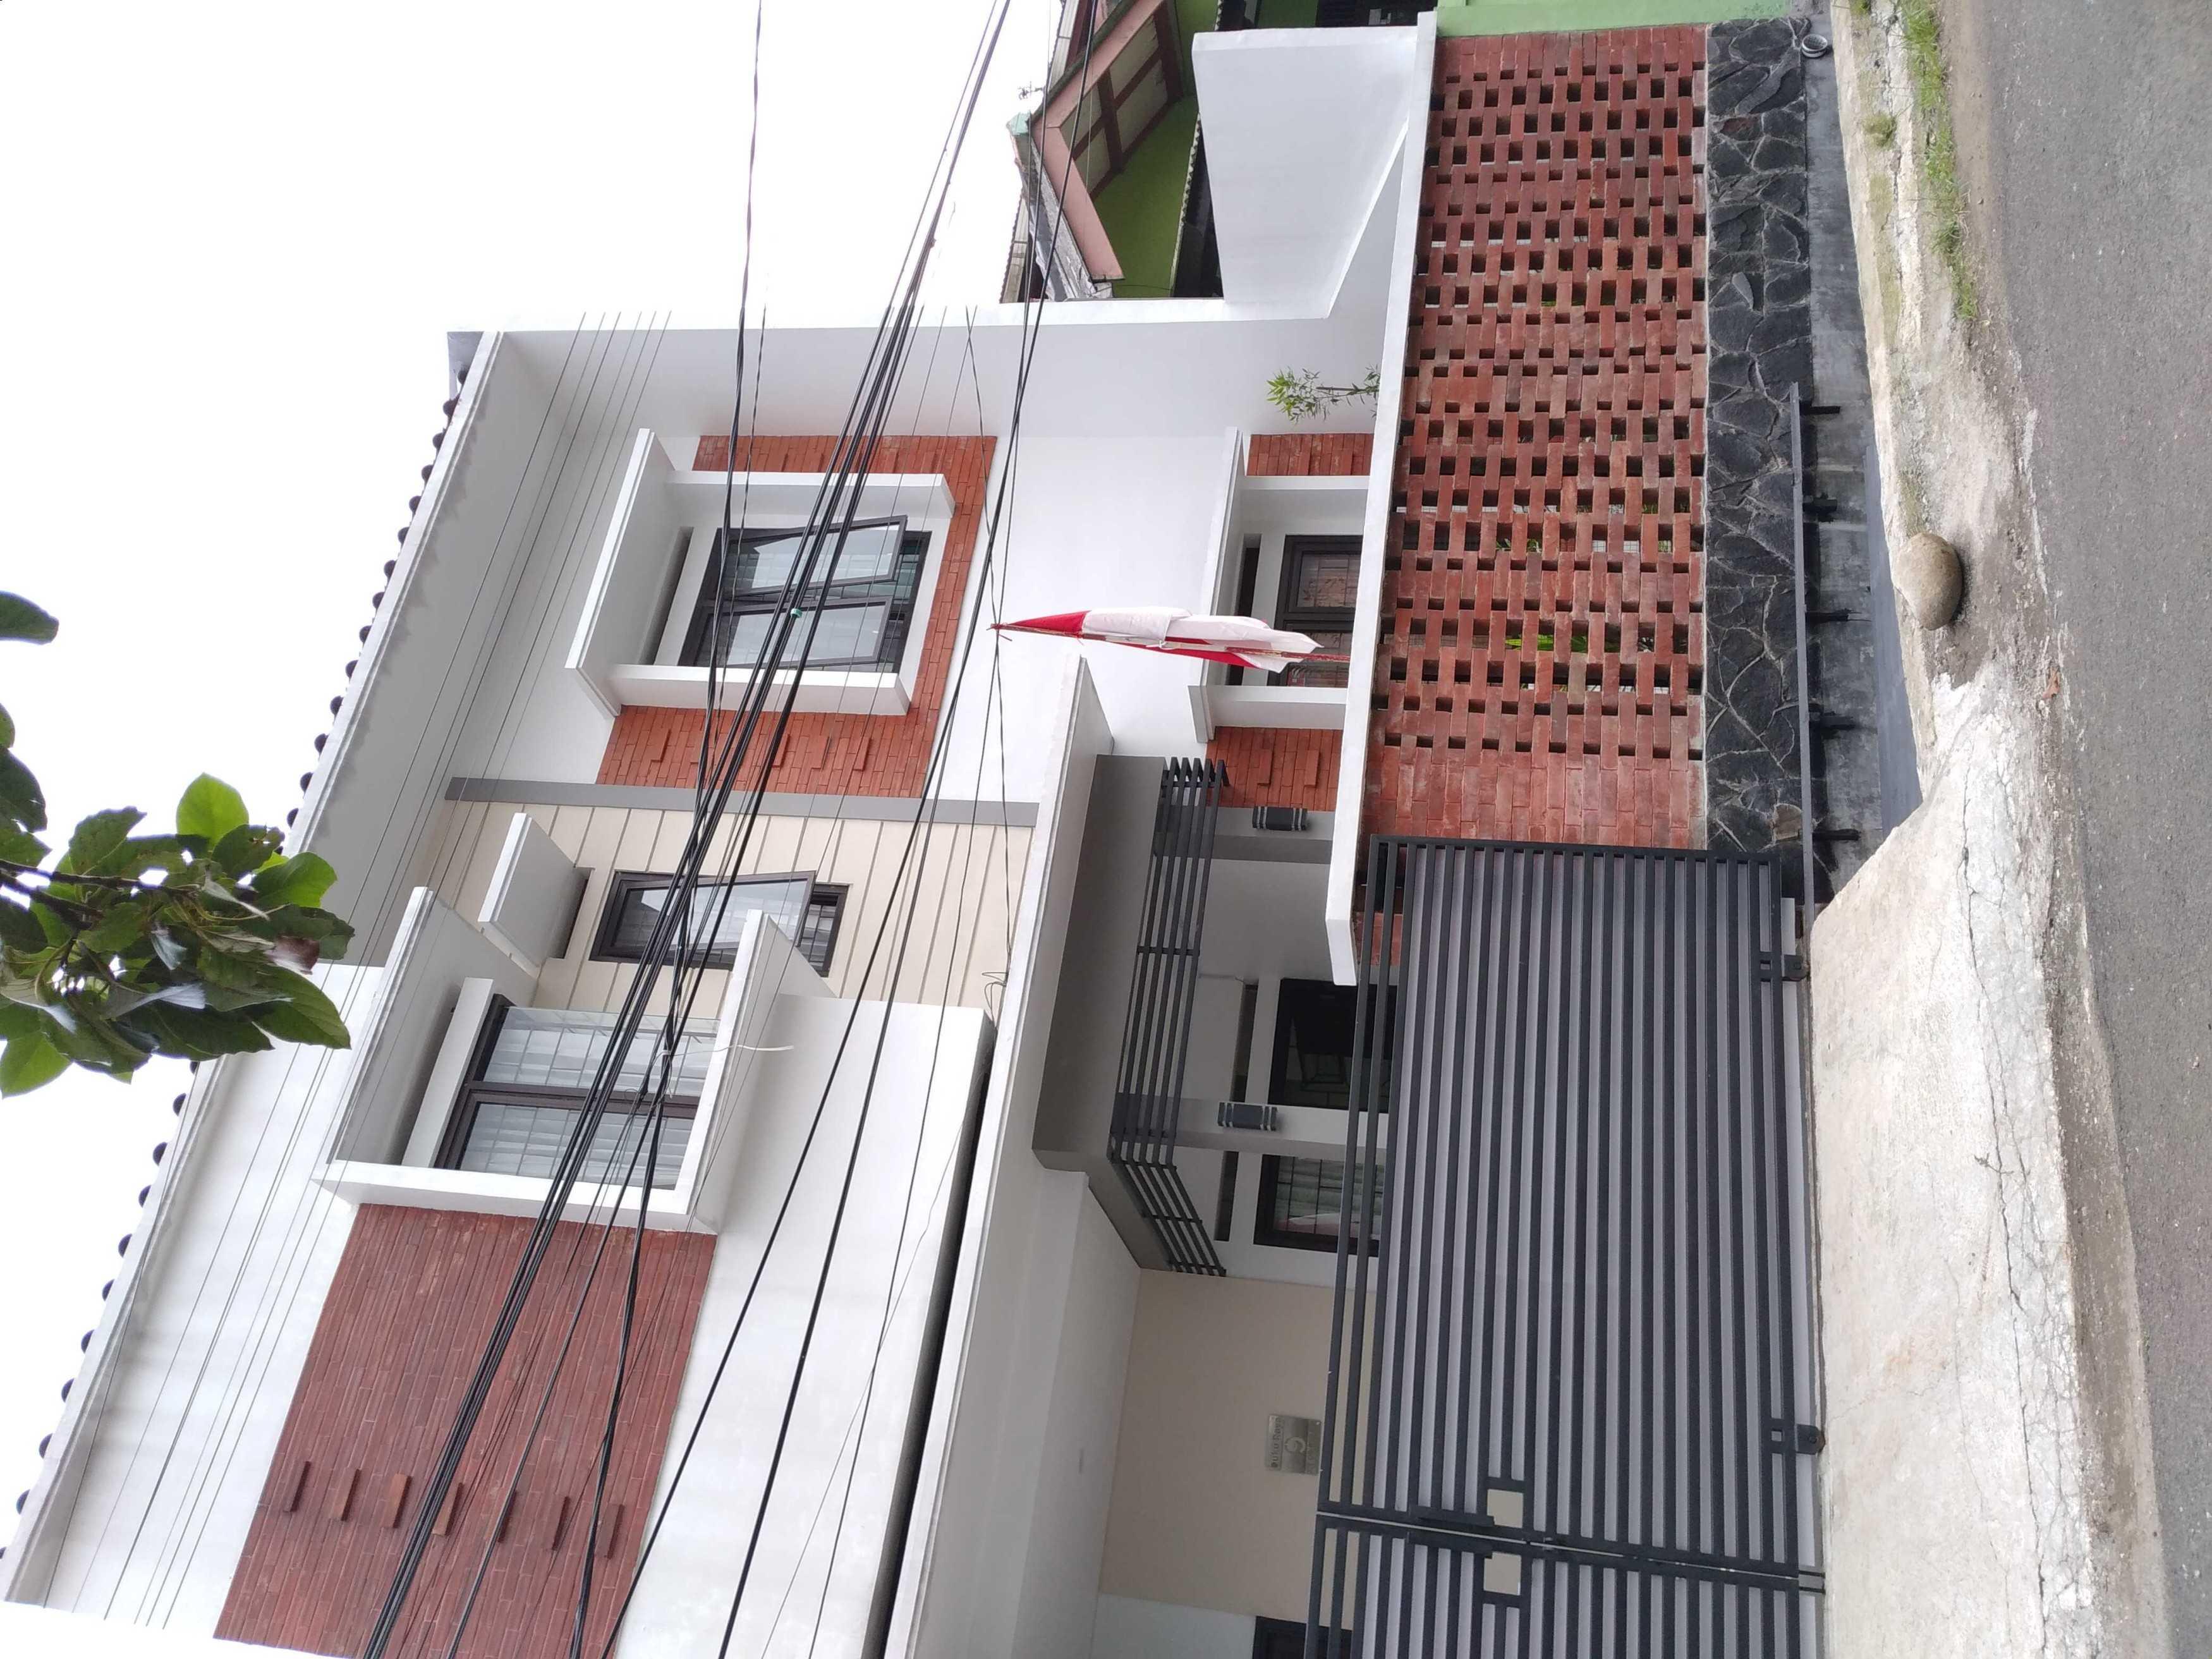 Mth29 Design [Design] Dr House - Bogor Bogor, Jawa Barat, Indonesia Bogor, Jawa Barat, Indonesia Mth29-Design-Dr-House-Bogor  <P>Ini Merupakan Foto Kondisi Terbangun, 95% Sesuai Dengan Rencana Di 3D</p> 109343